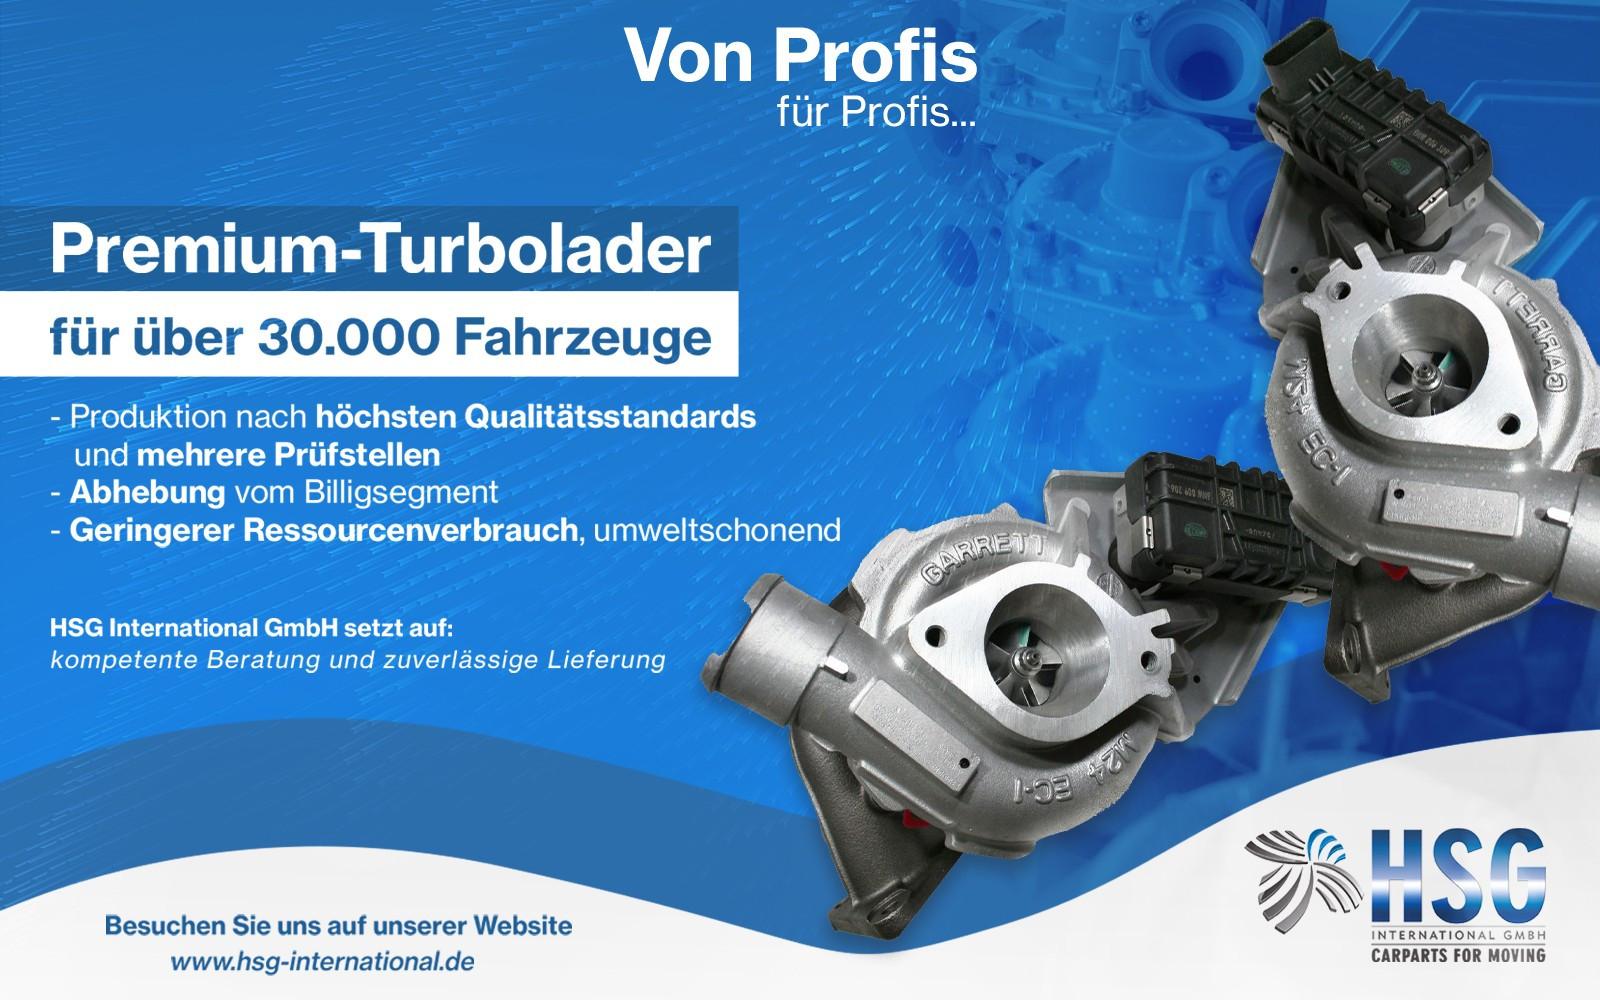 Premium turbolader